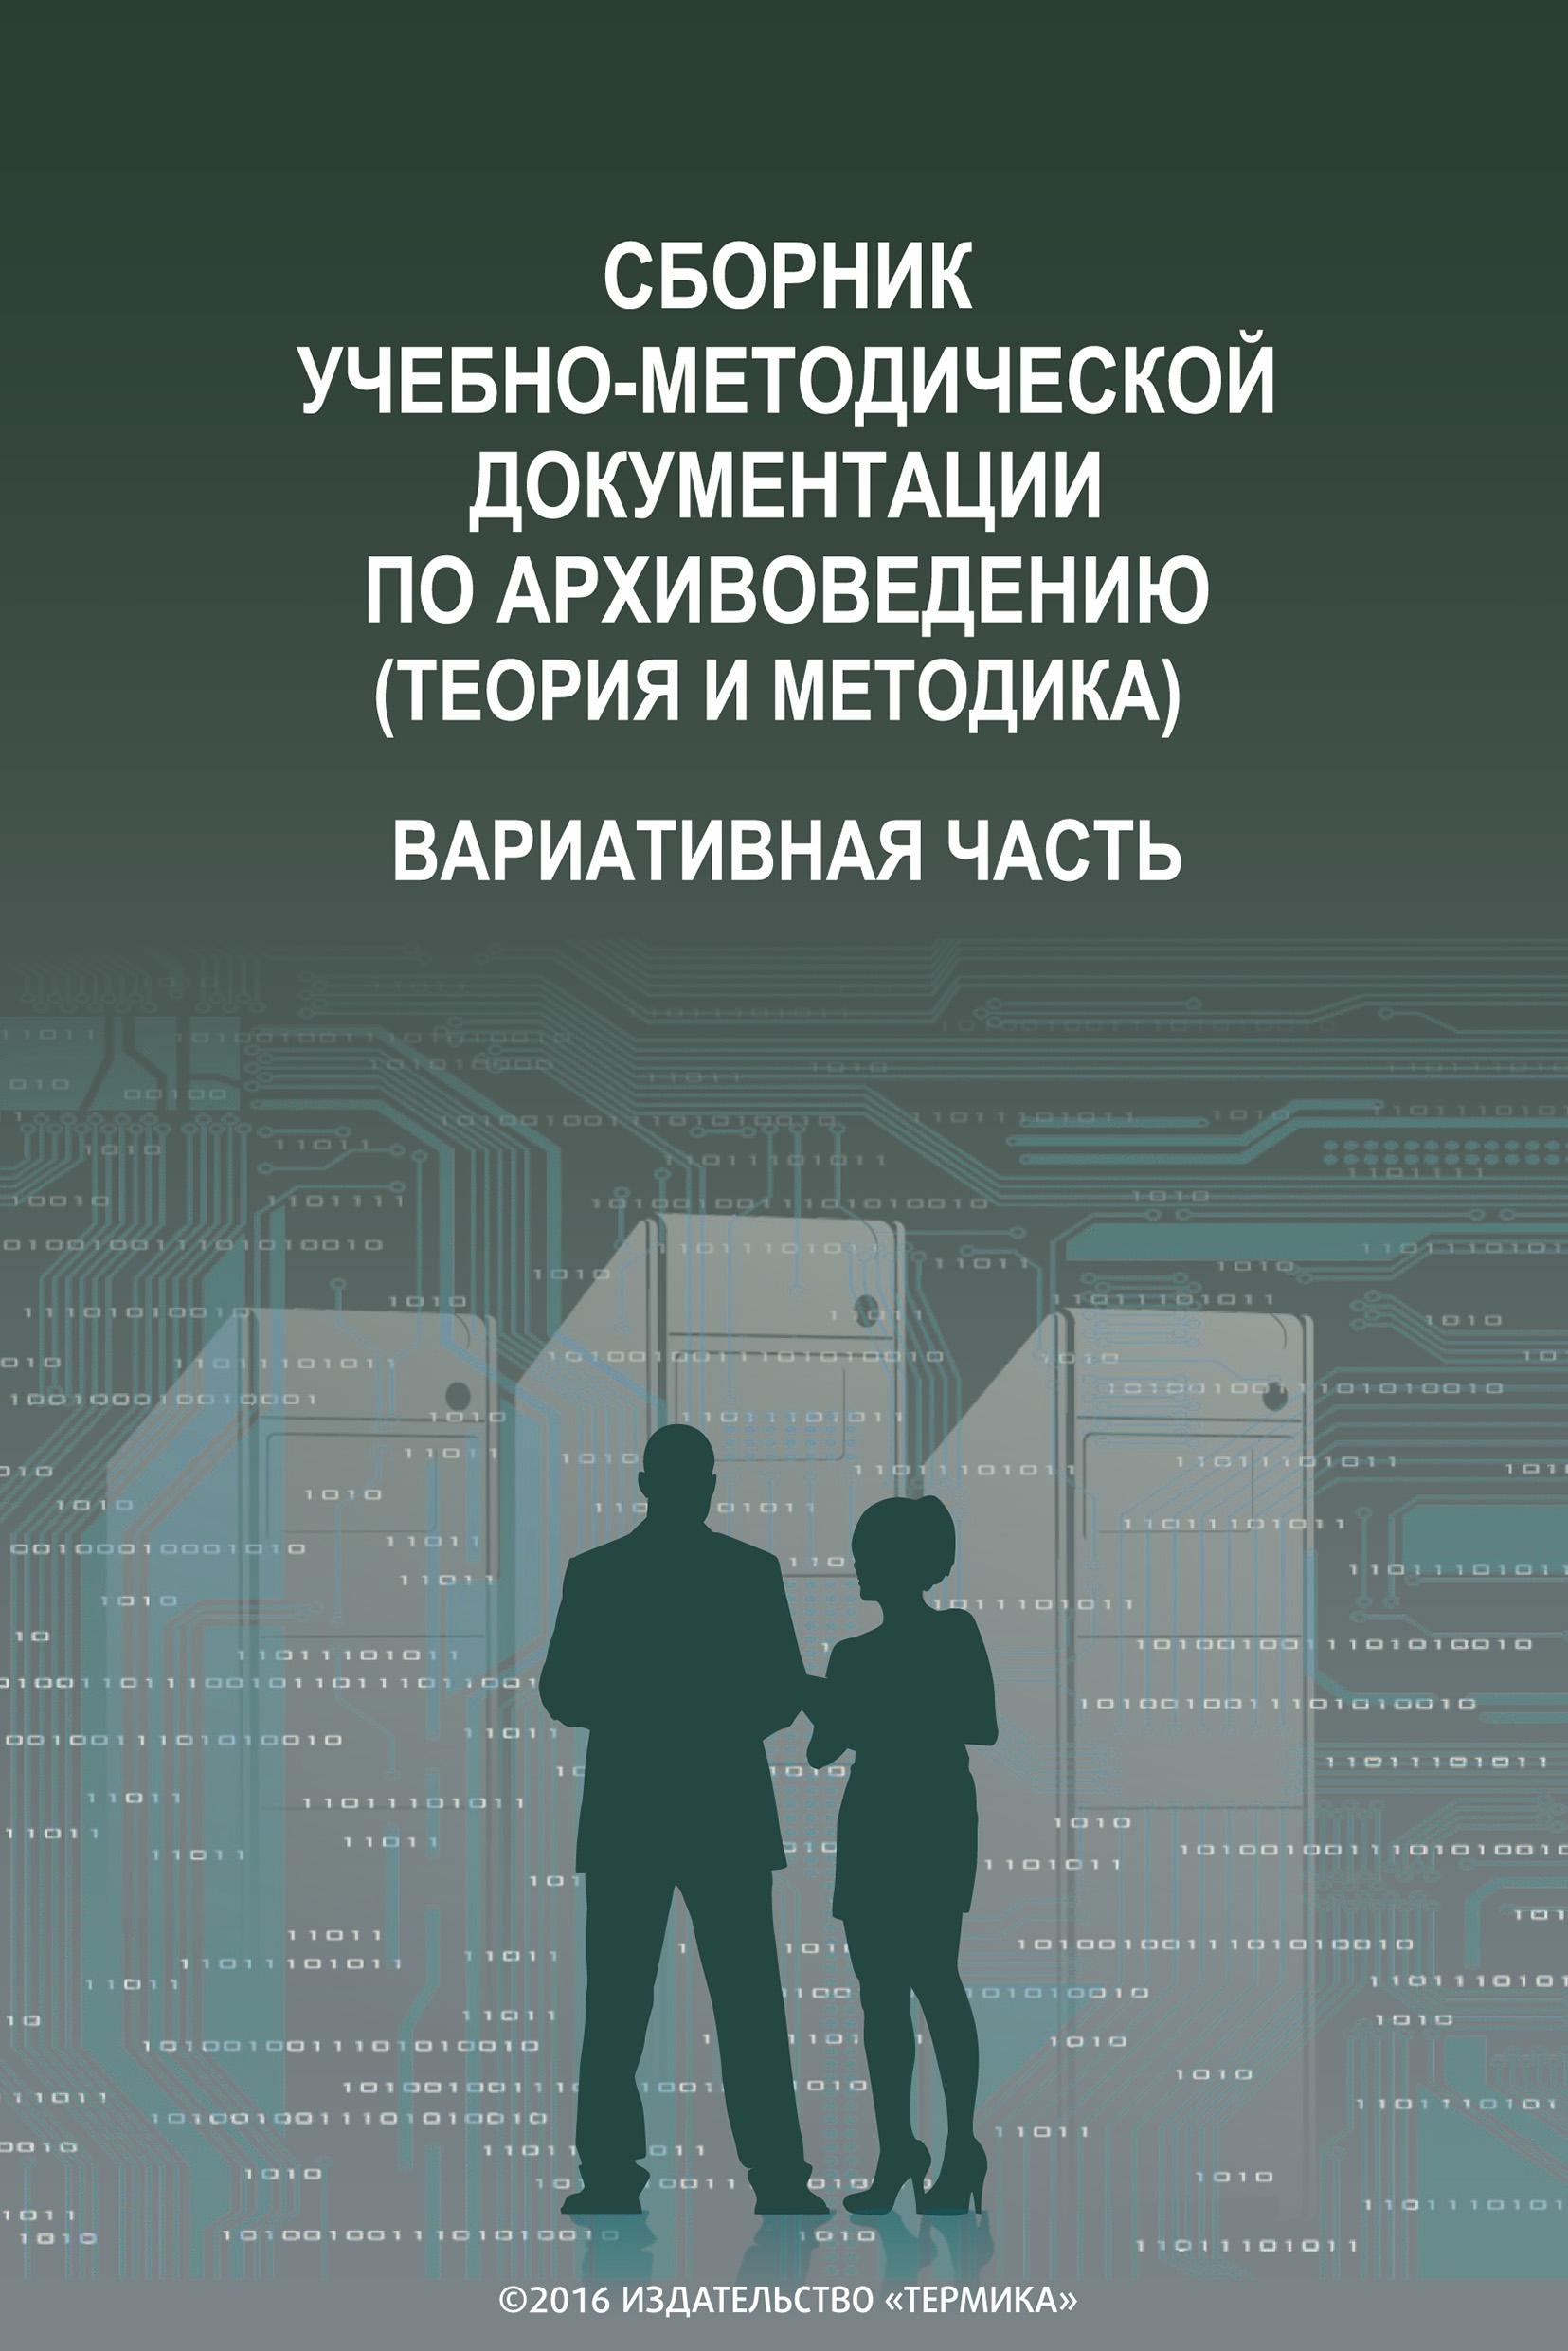 Сборник учебно-методической документации по архивоведению (теория и методика). Вариативная часть